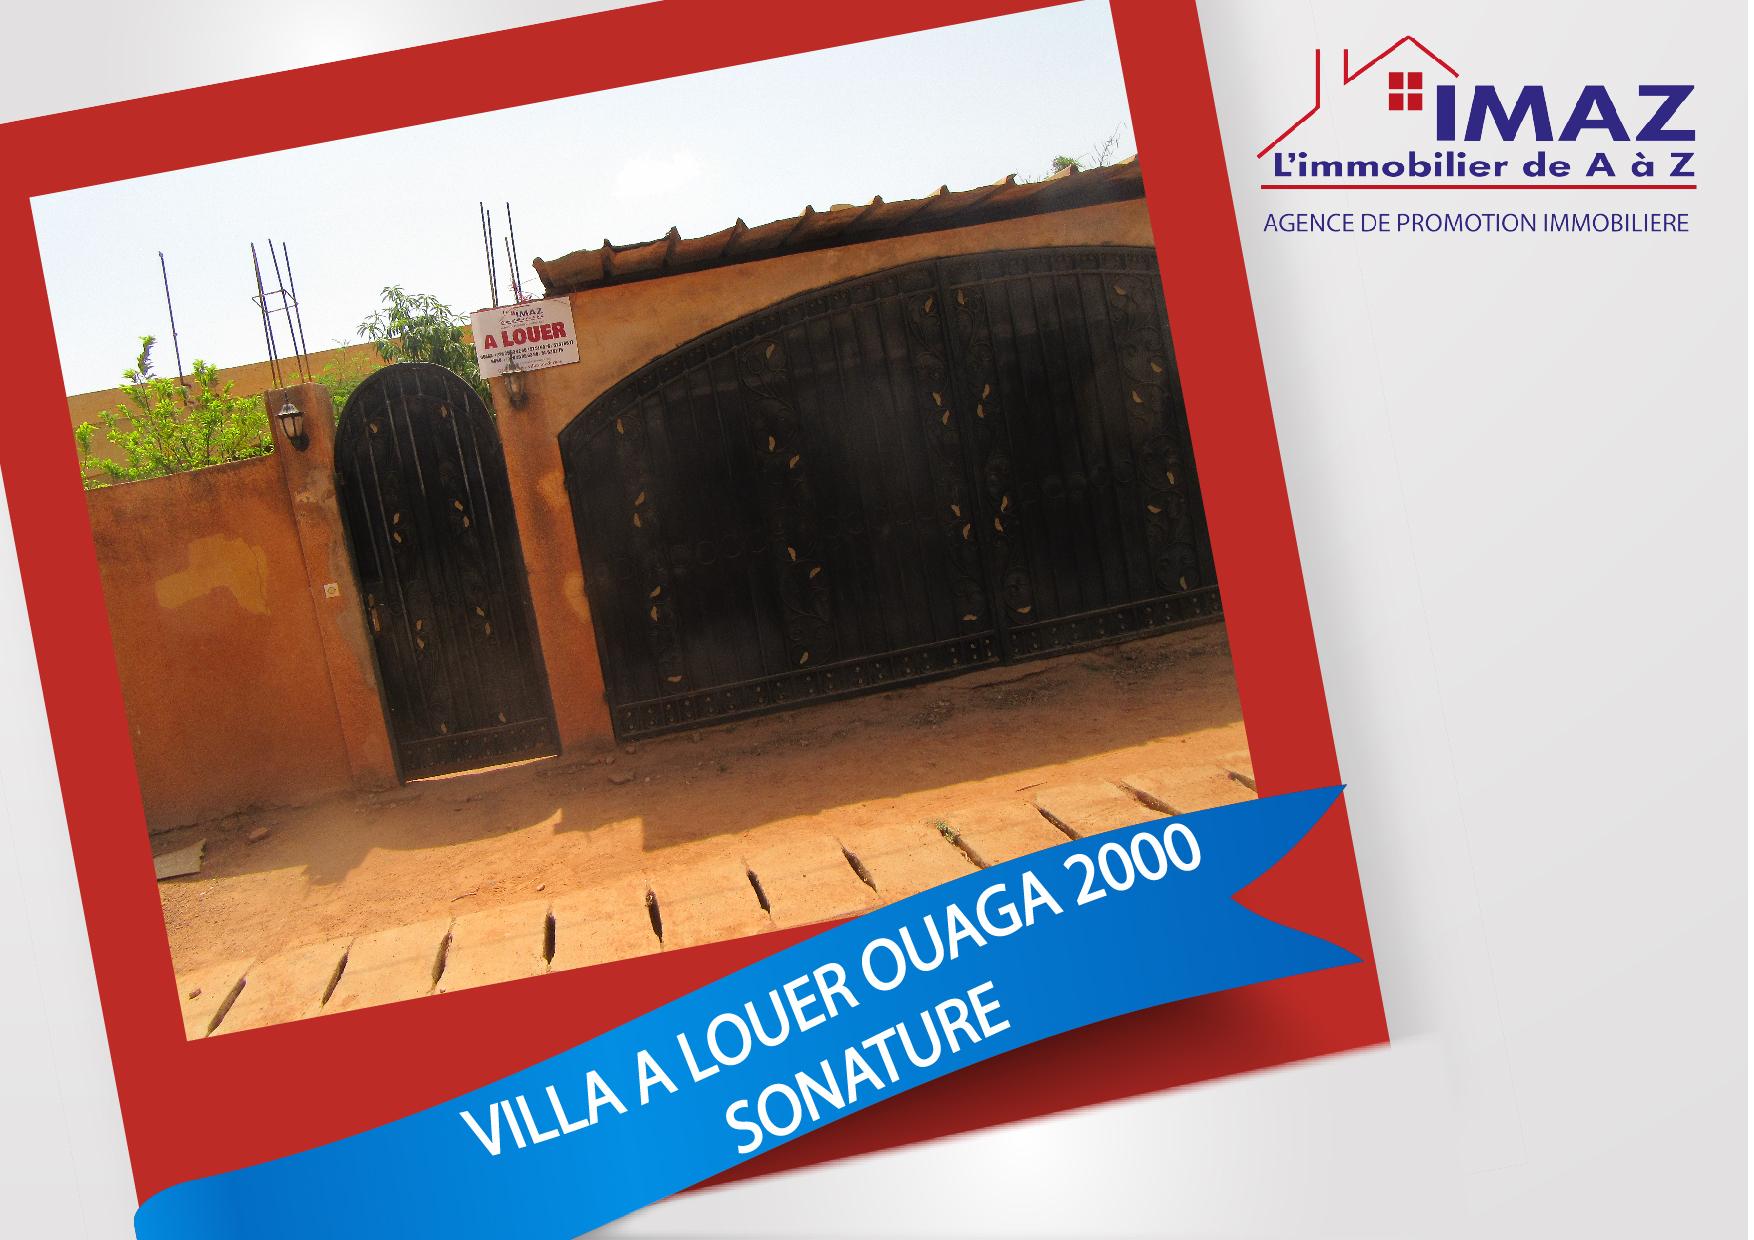 VILLA OUAGA 2000 SONATURE-01